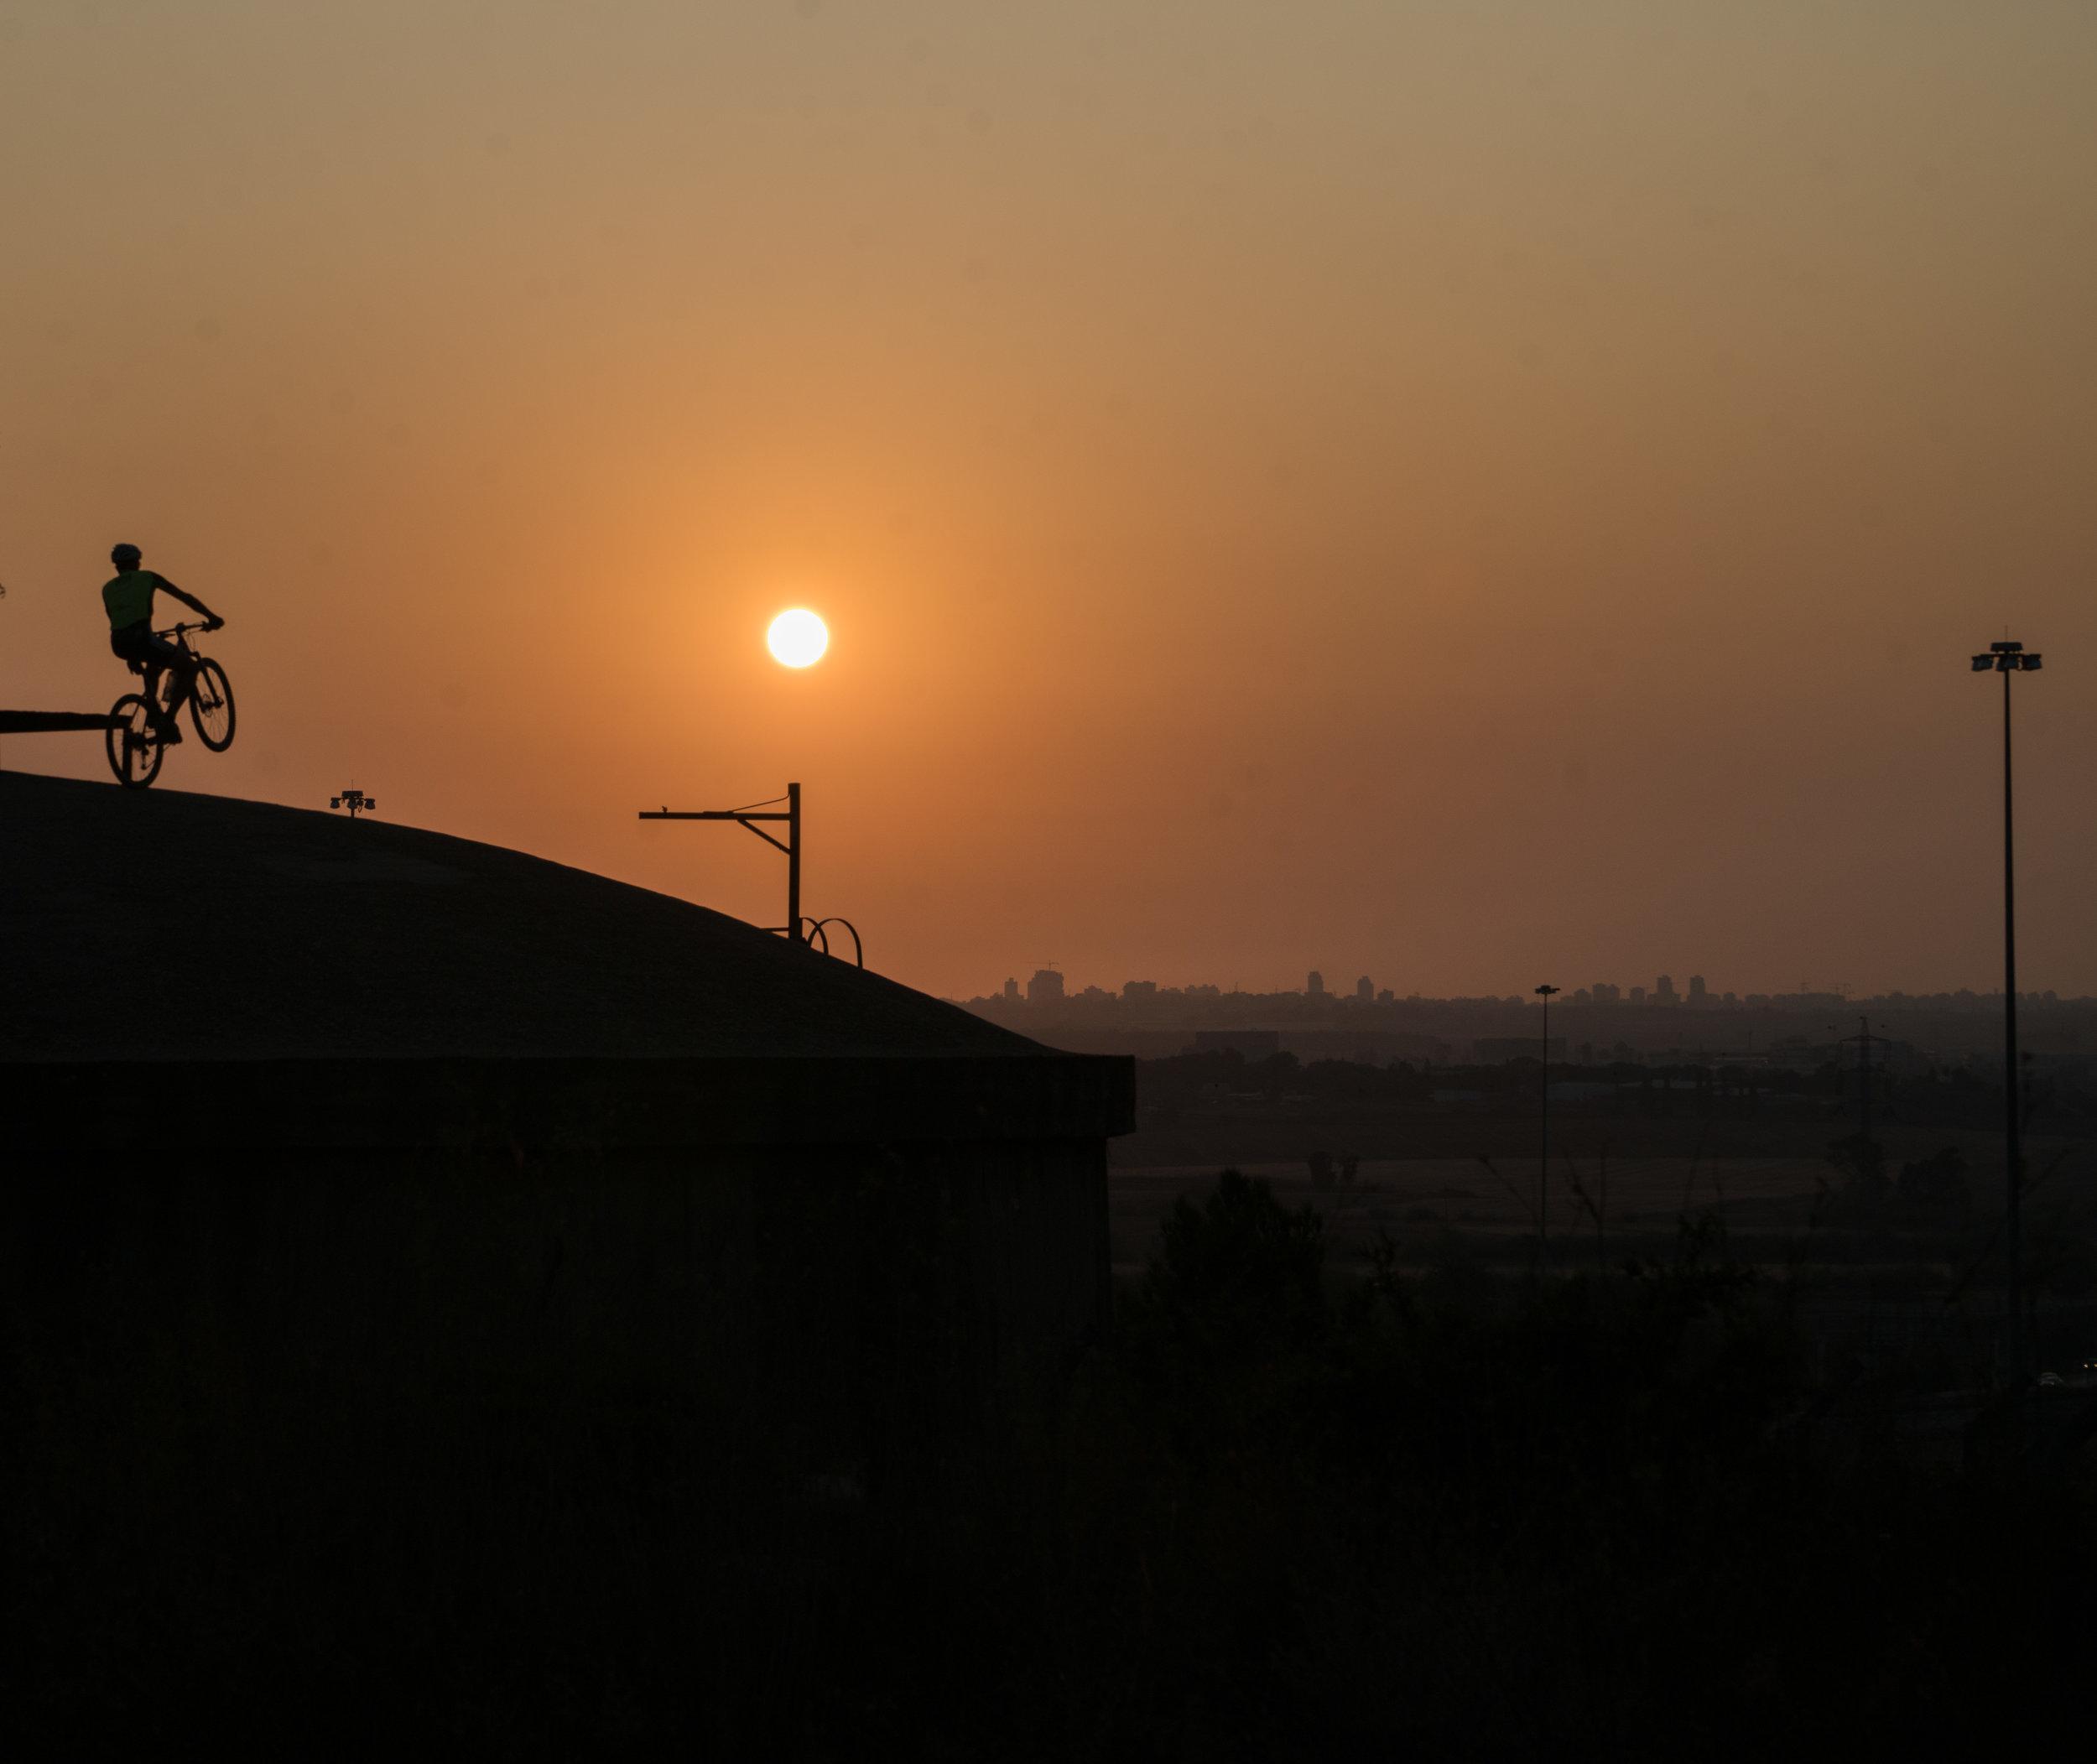 Biken_Sonnenuntergang.jpg